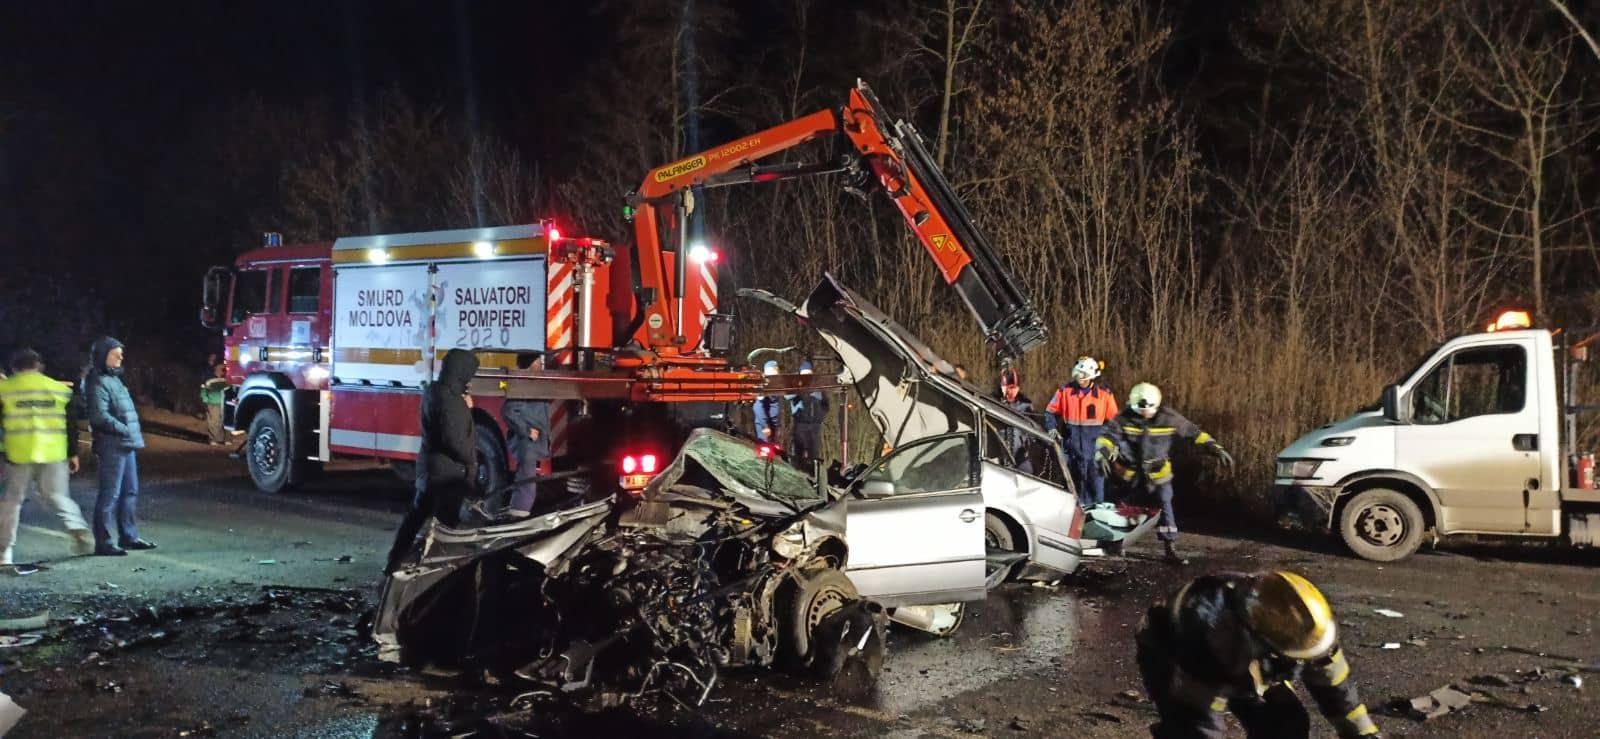 Кошмарное ДТП на выезде из Ватры: двое пострадавших скончались по дороге в больницу (ФОТО)